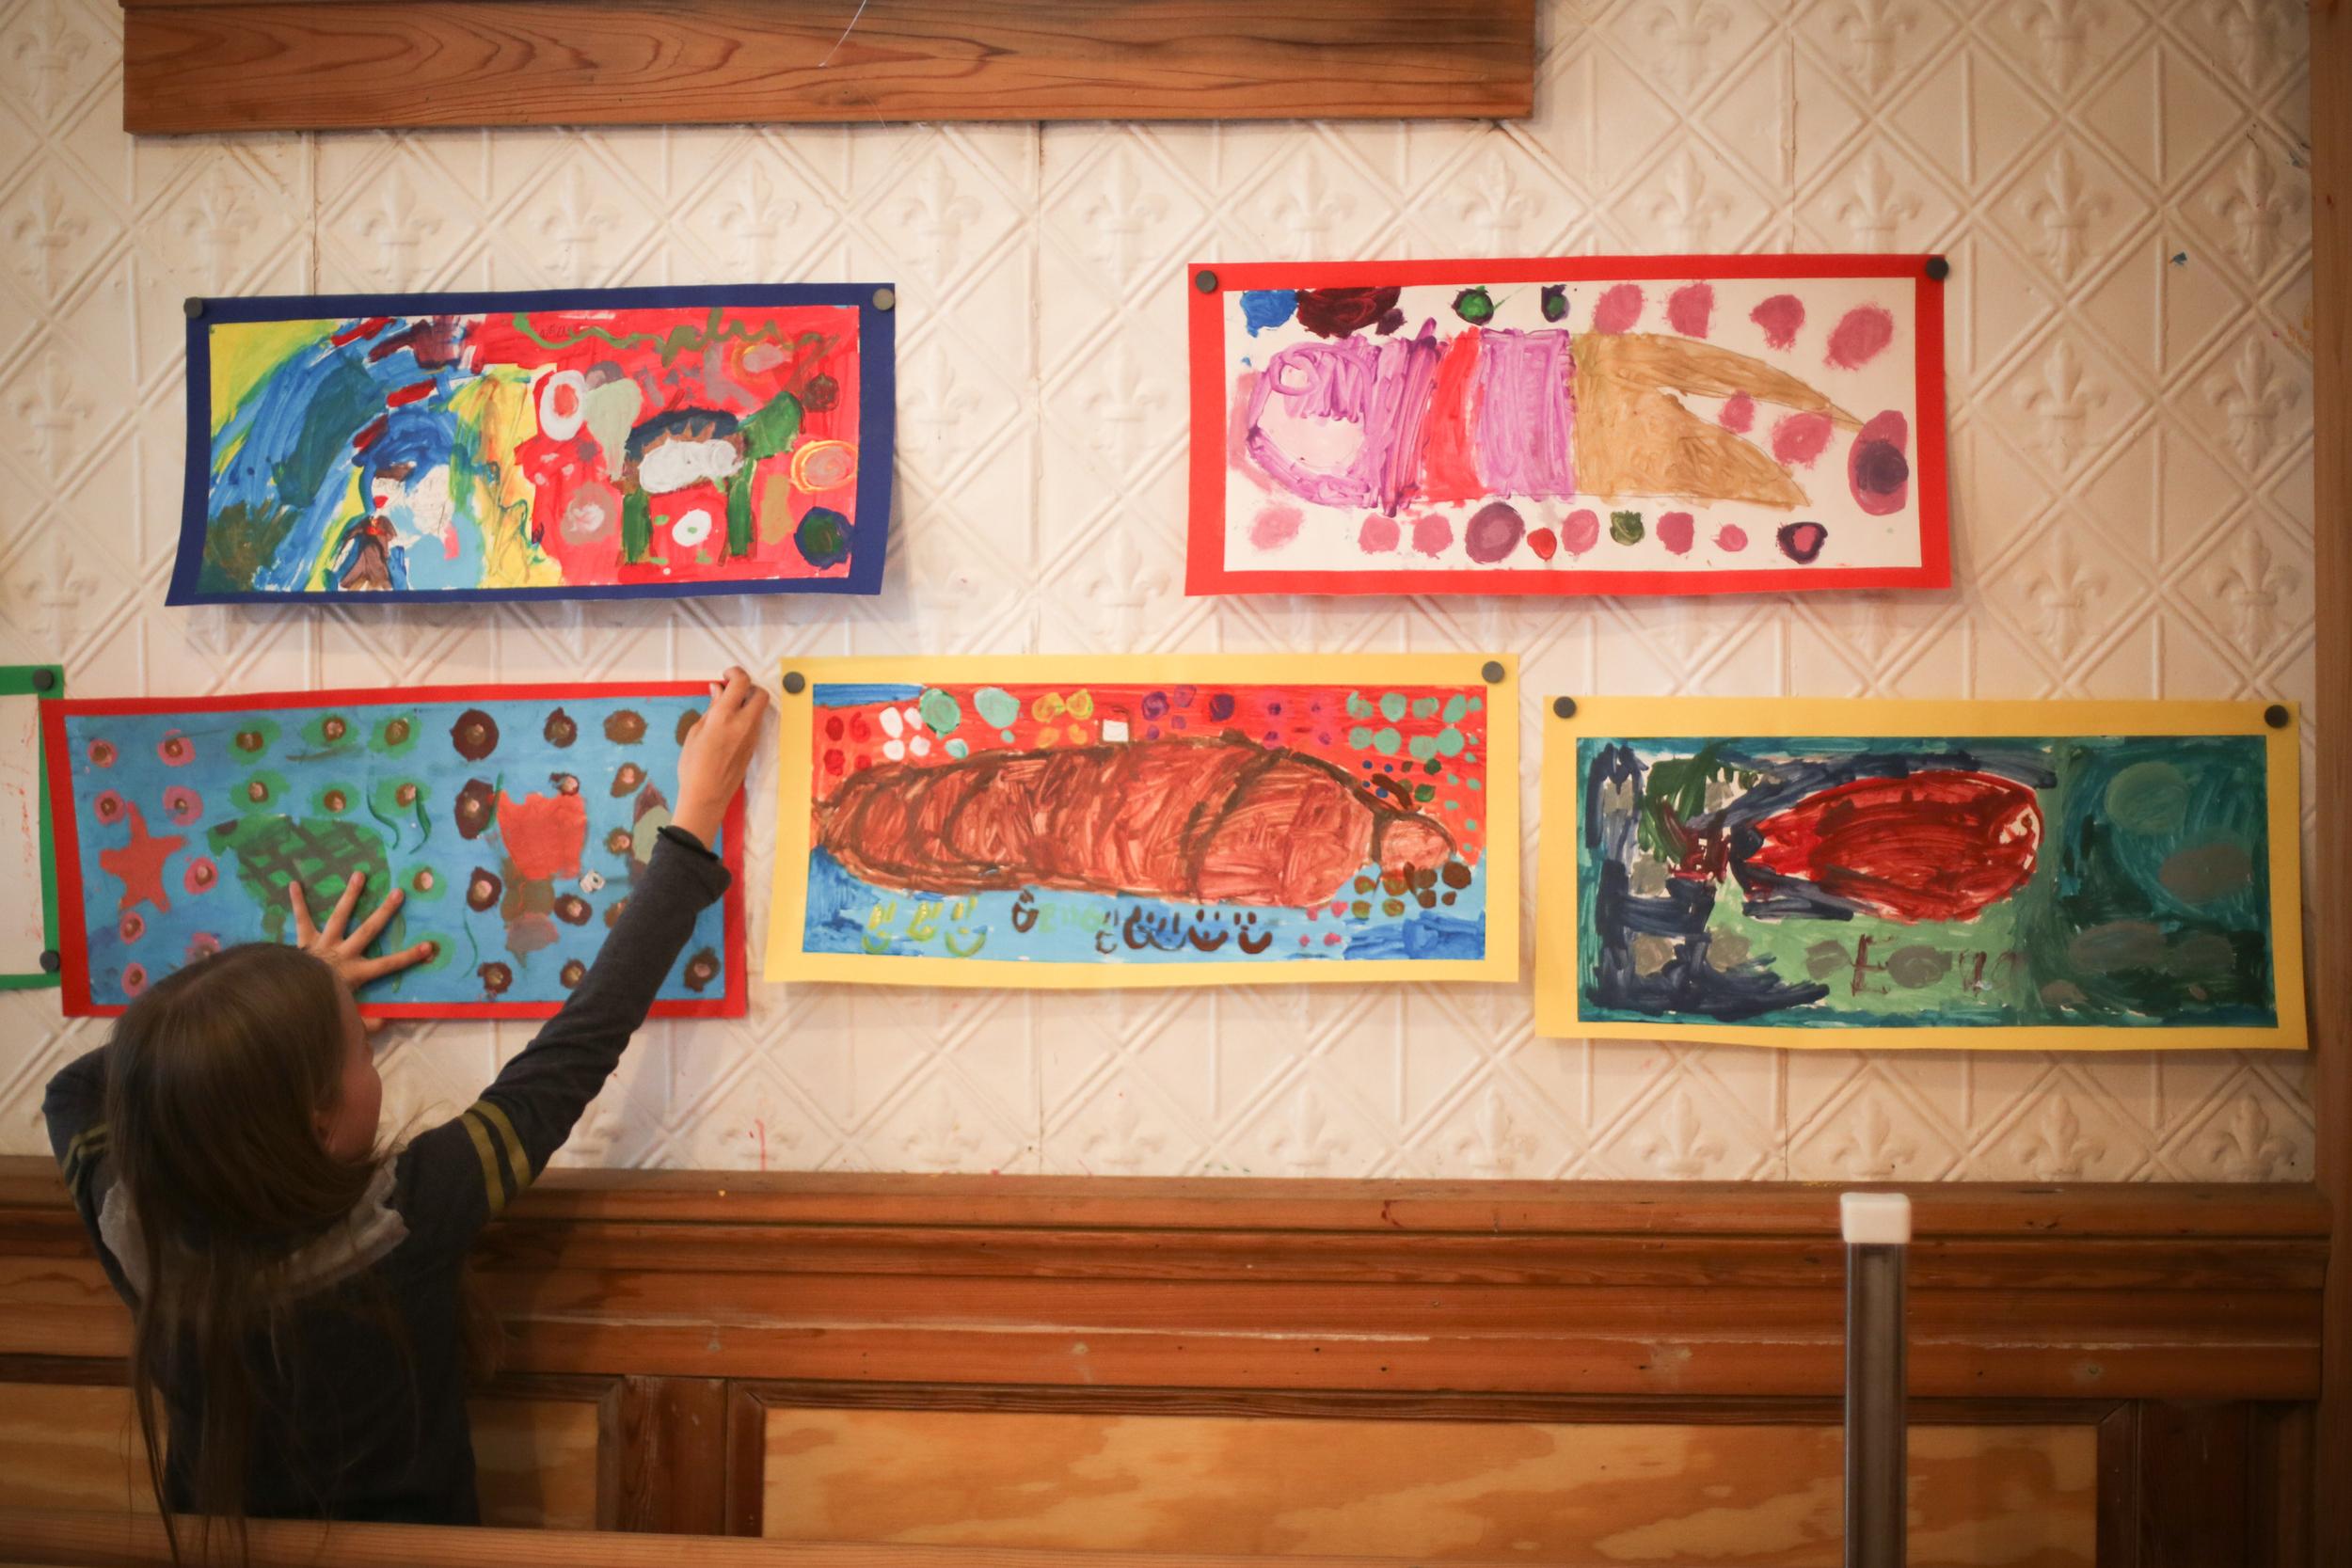 Michael-guidry-inspired-paintings.jpg